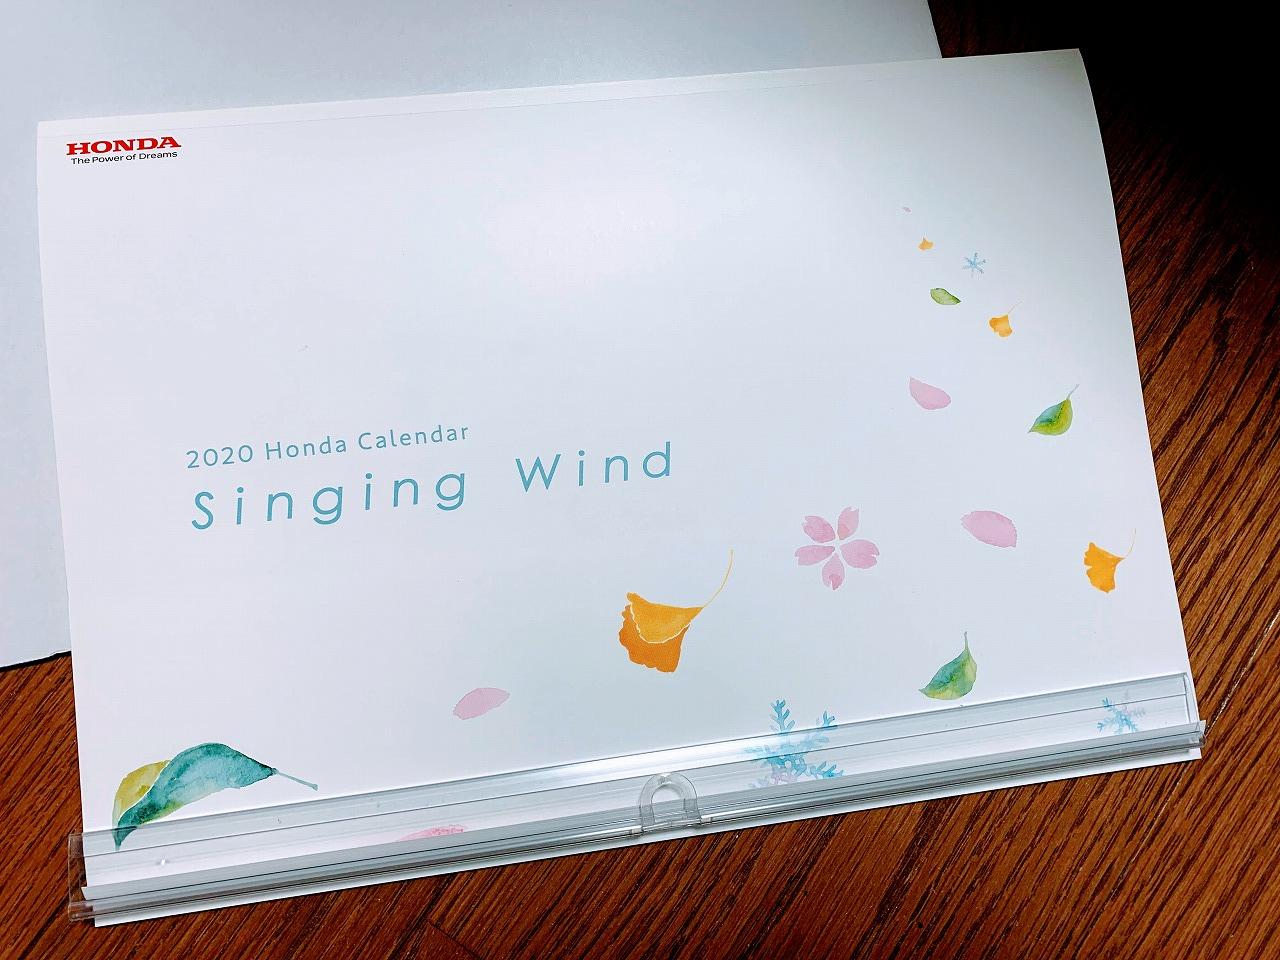 ホンダ株主優待カレンダー2020が届いたので開封してみた^^